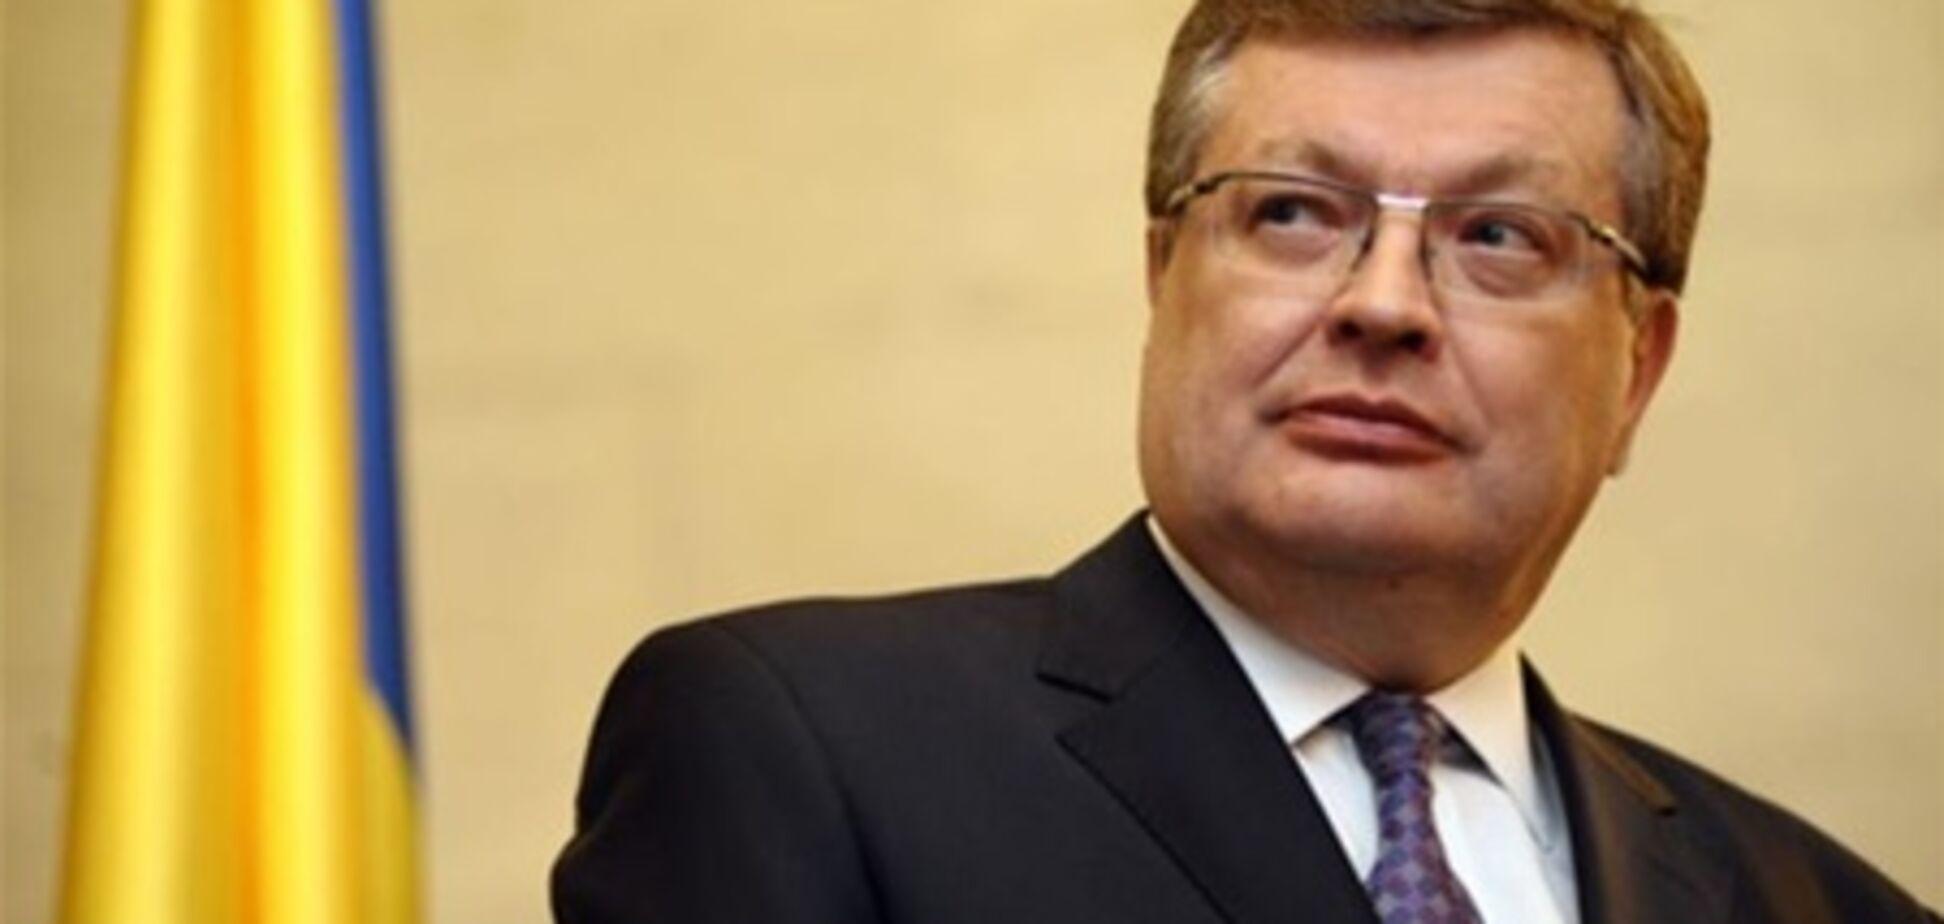 Глава МИД Украины попросил Россию помалкивать о Дне Победы во Львове